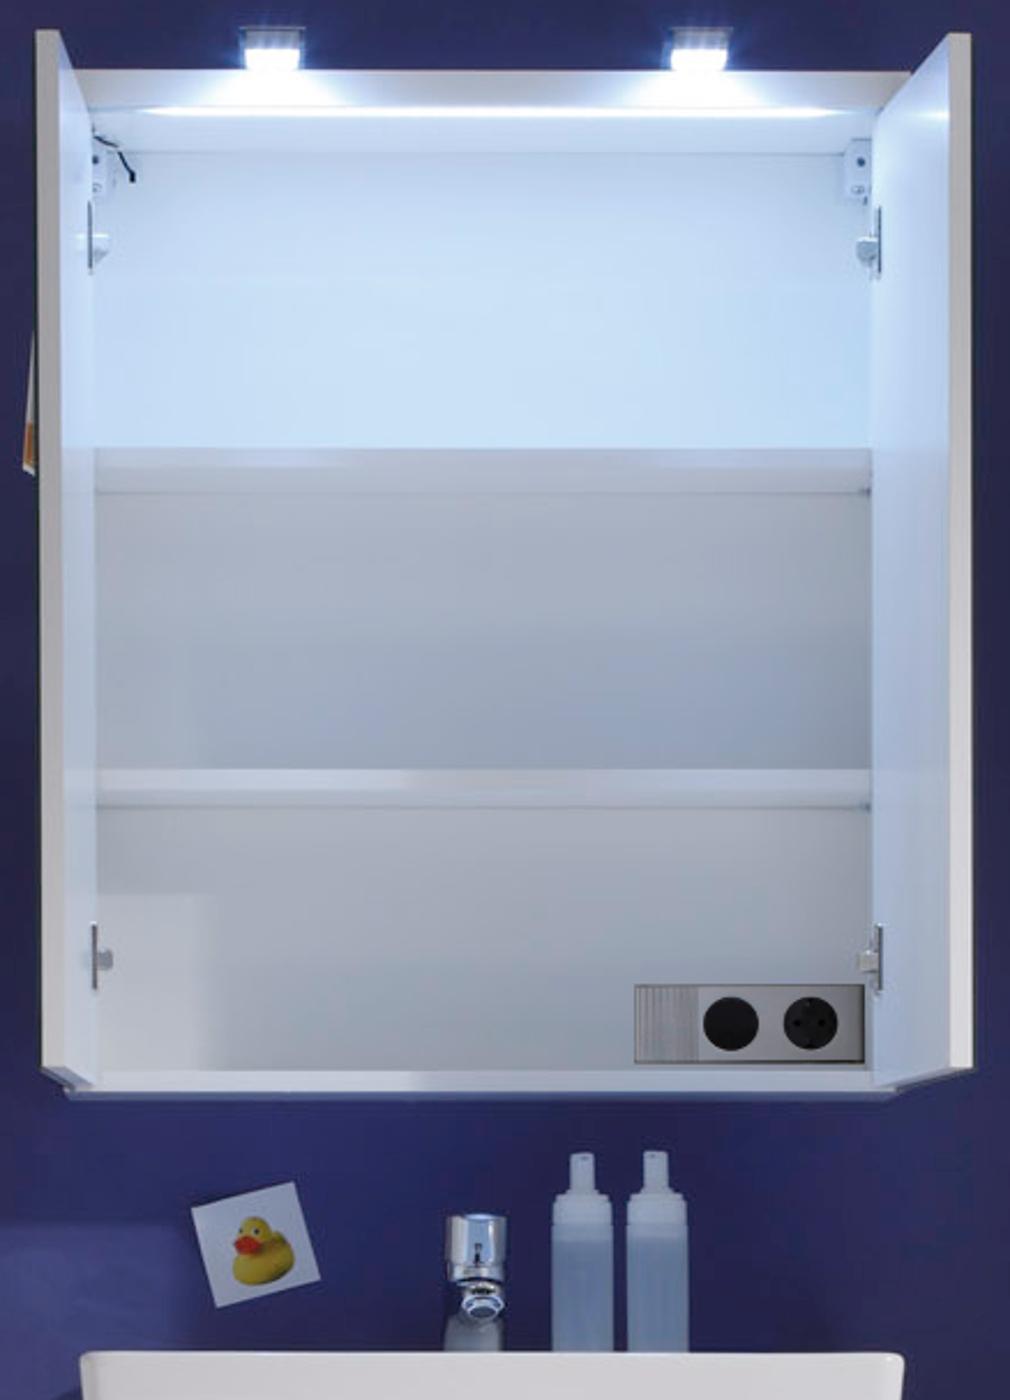 Badezimmerschrank günstig  Badezimmerschränke Günstig: Waschplätze 38 60 cm breit zu ...